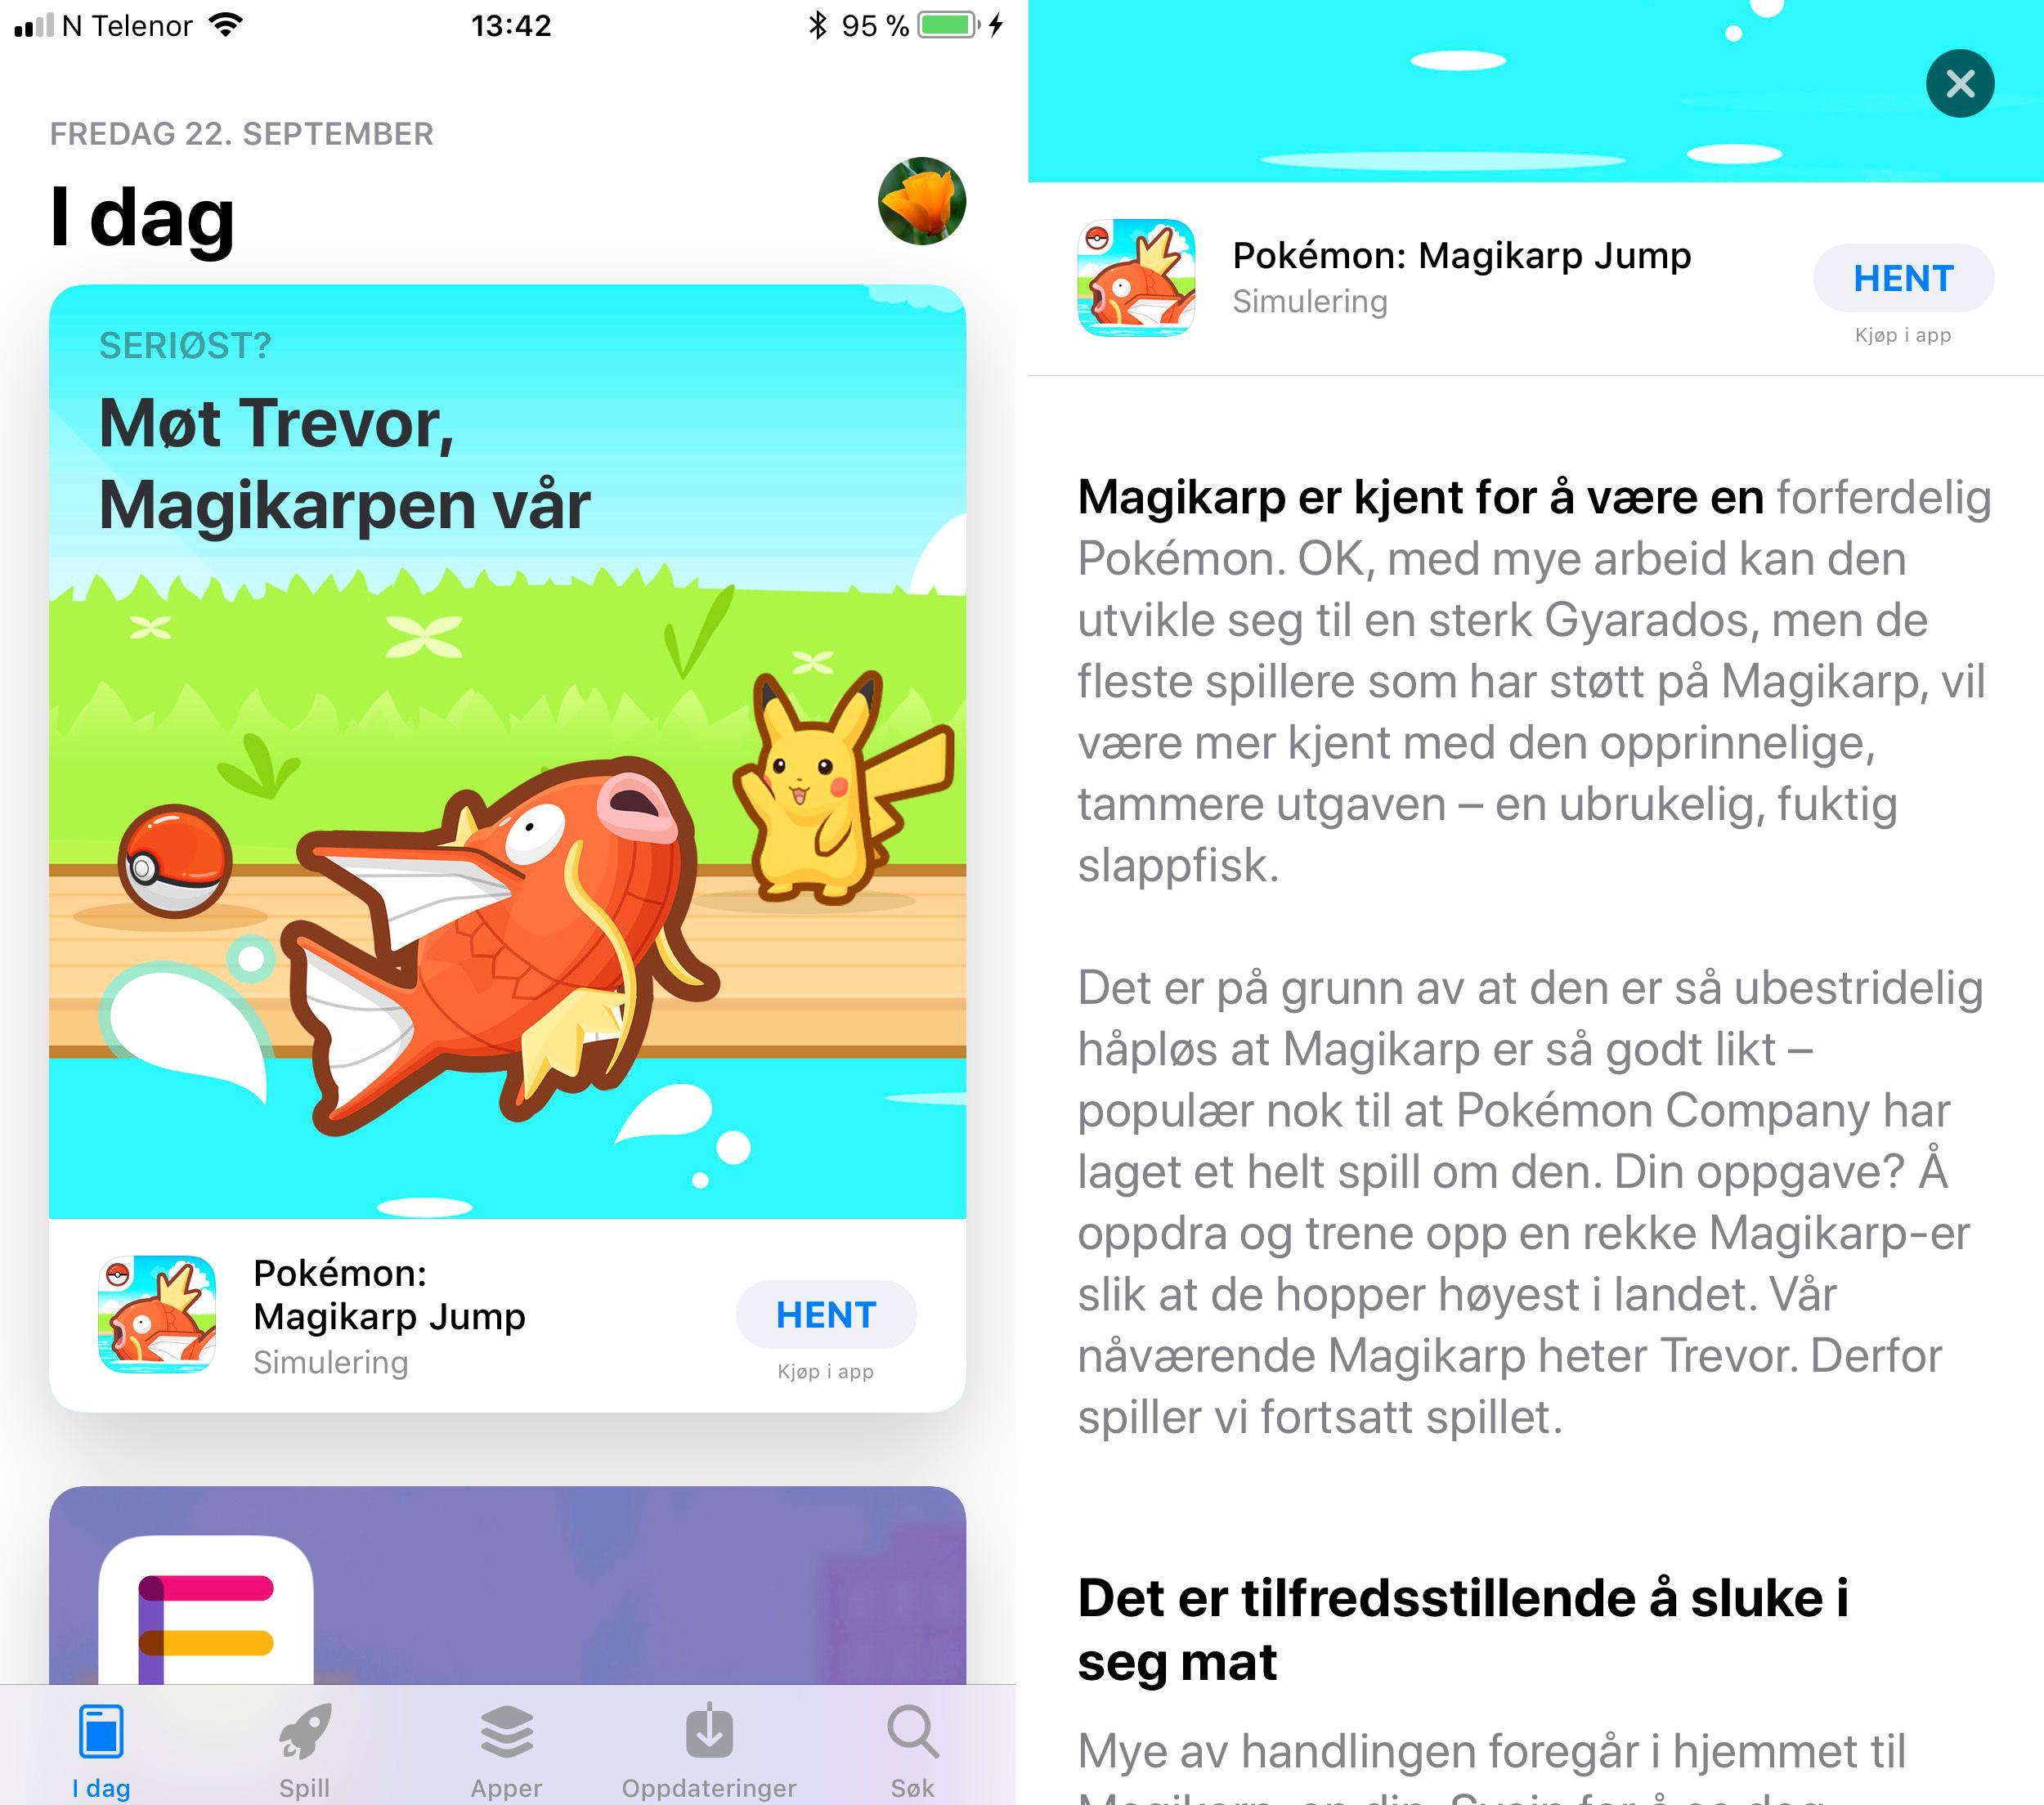 Nye App Store har blitt mer som et slags app-magasin der du får utførlige beskrivelser av store deler av innholdet. Du kan fortsatt søke direkte etter appen, eller gå via topplister.